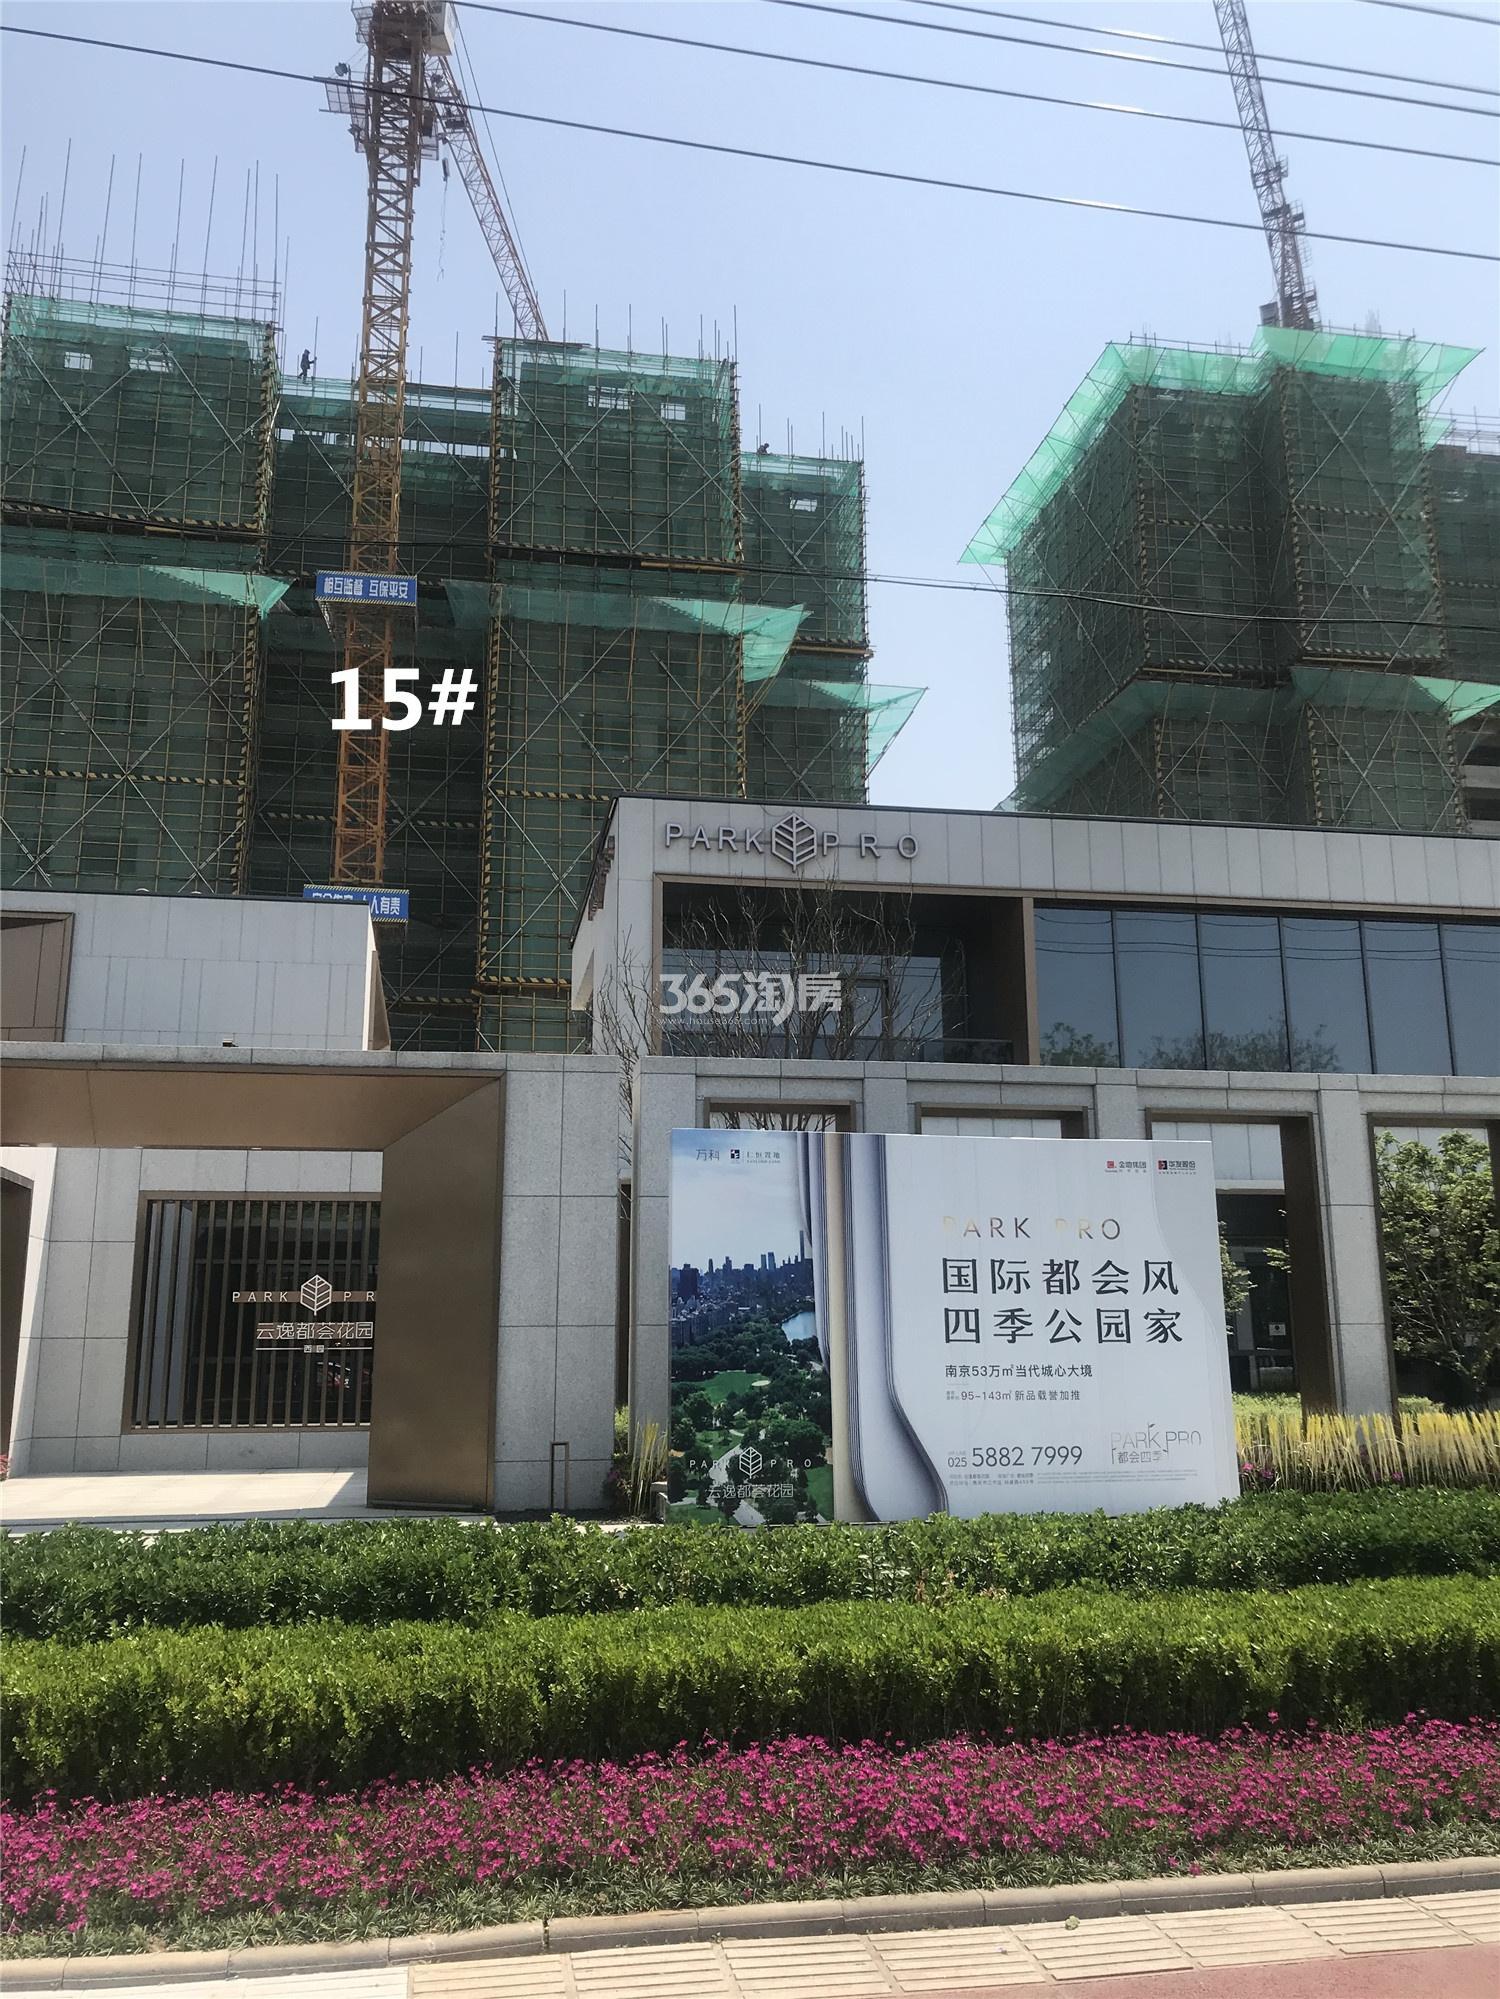 云逸都荟花园西园(都会四季西区)15#工程进展(4.24)